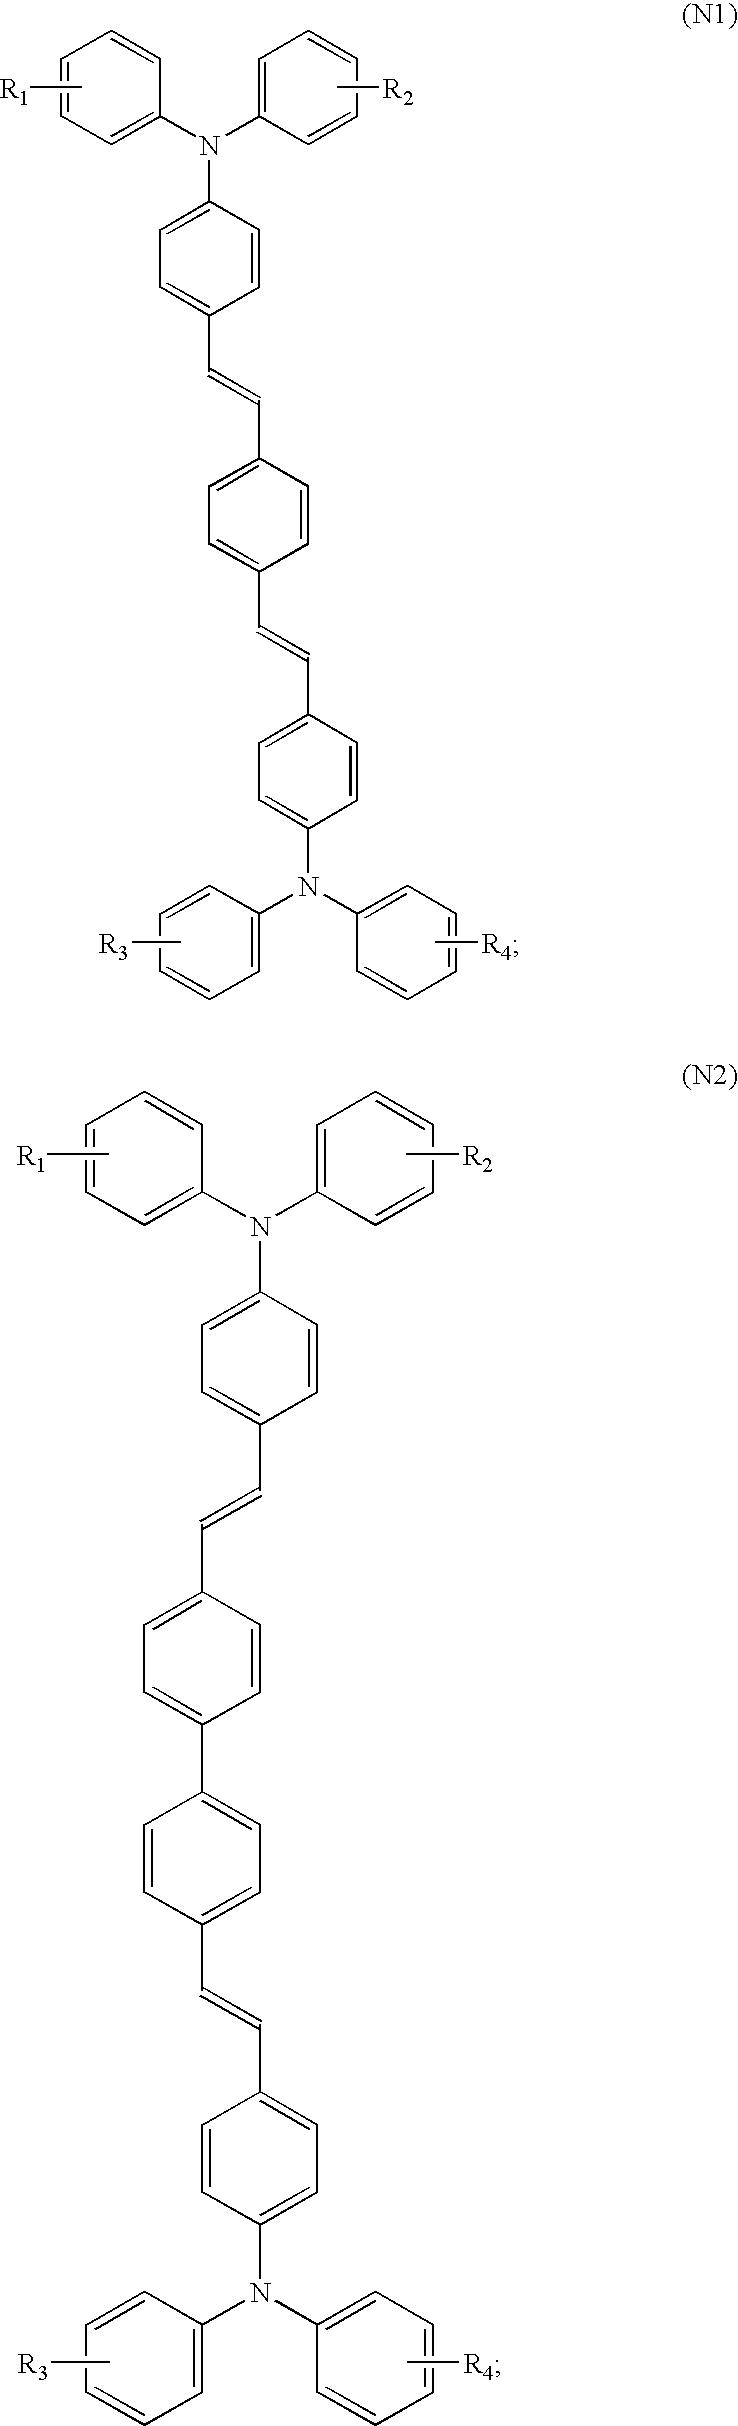 Figure US20060105198A1-20060518-C00063